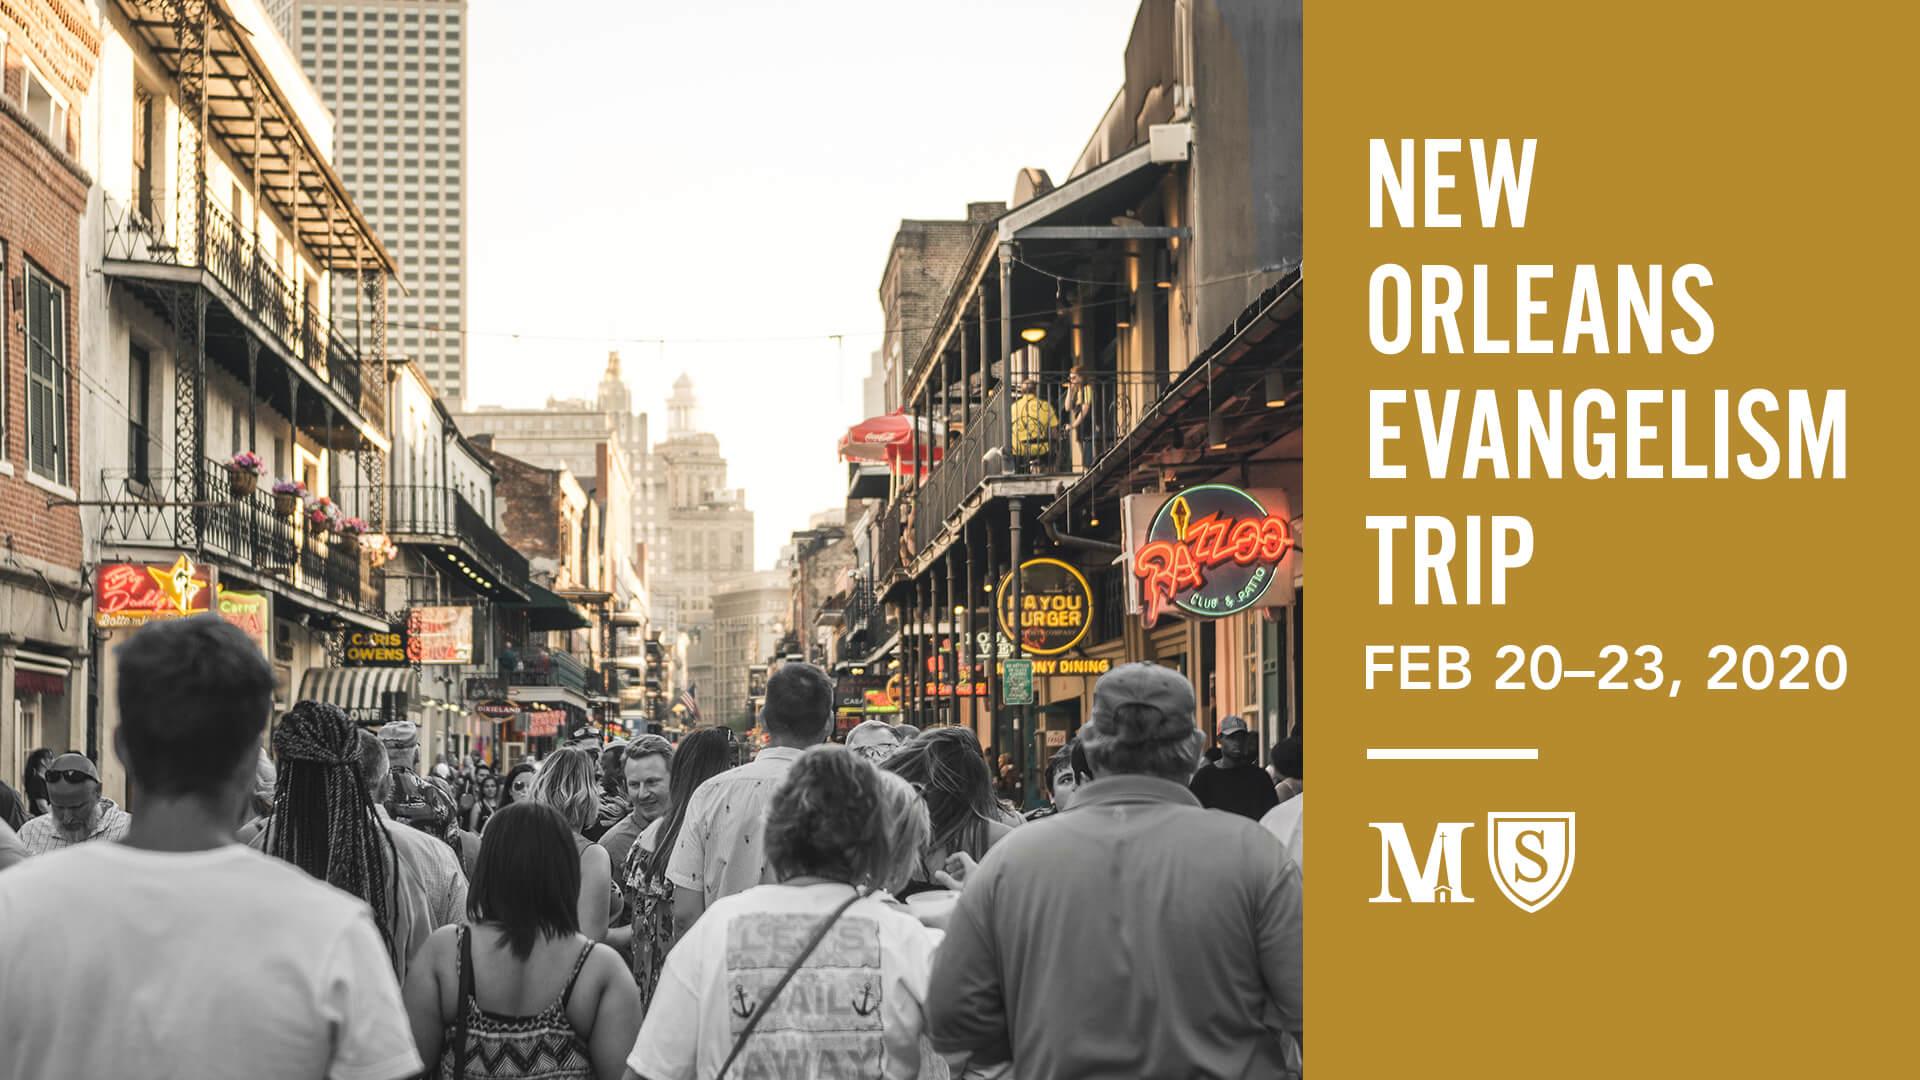 2019 New Orleans Evangelism Trip